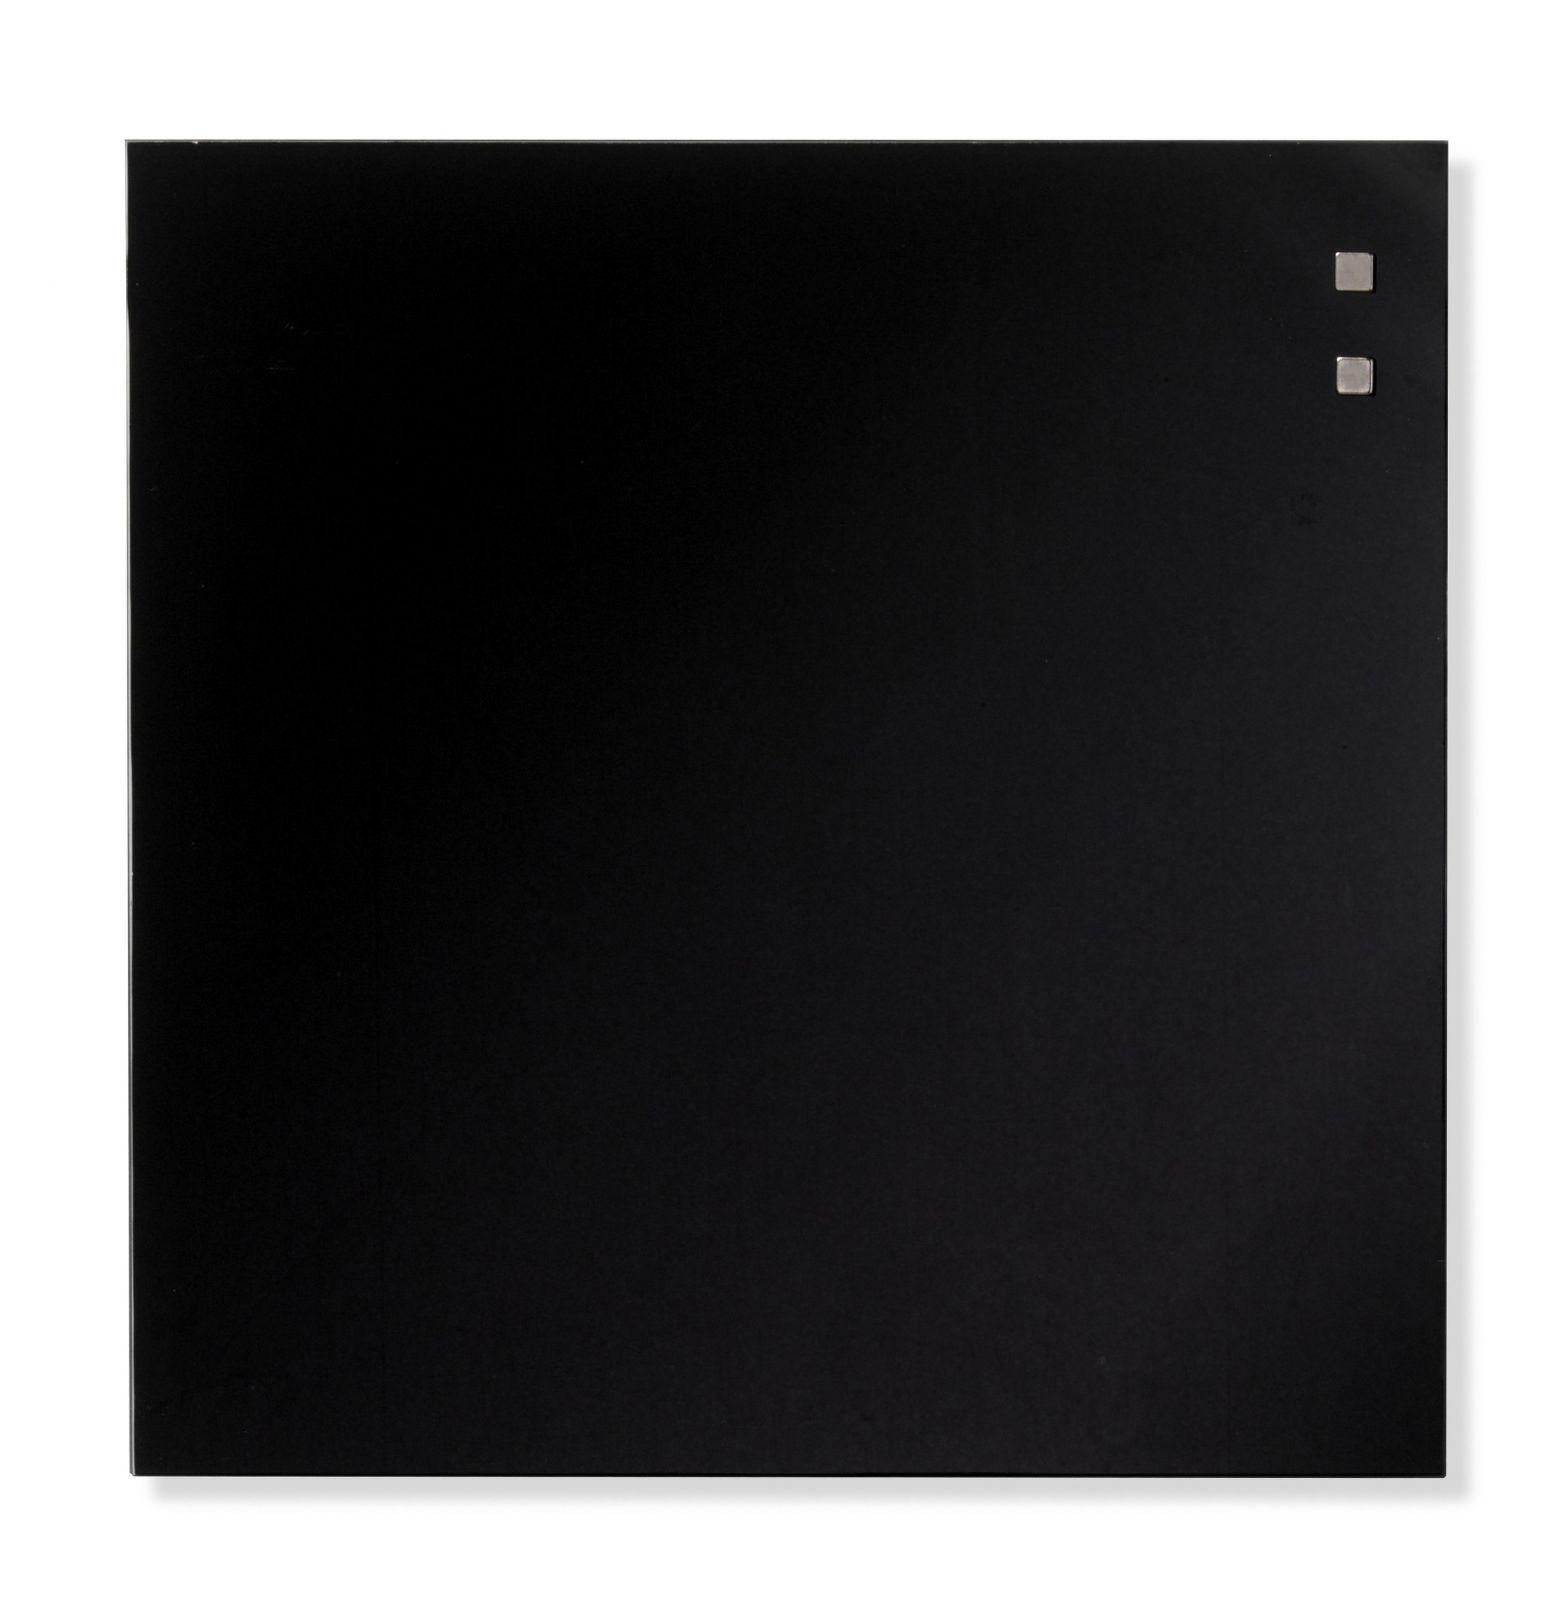 Skleněná magnetická tabule, 35x35 cm, Černá